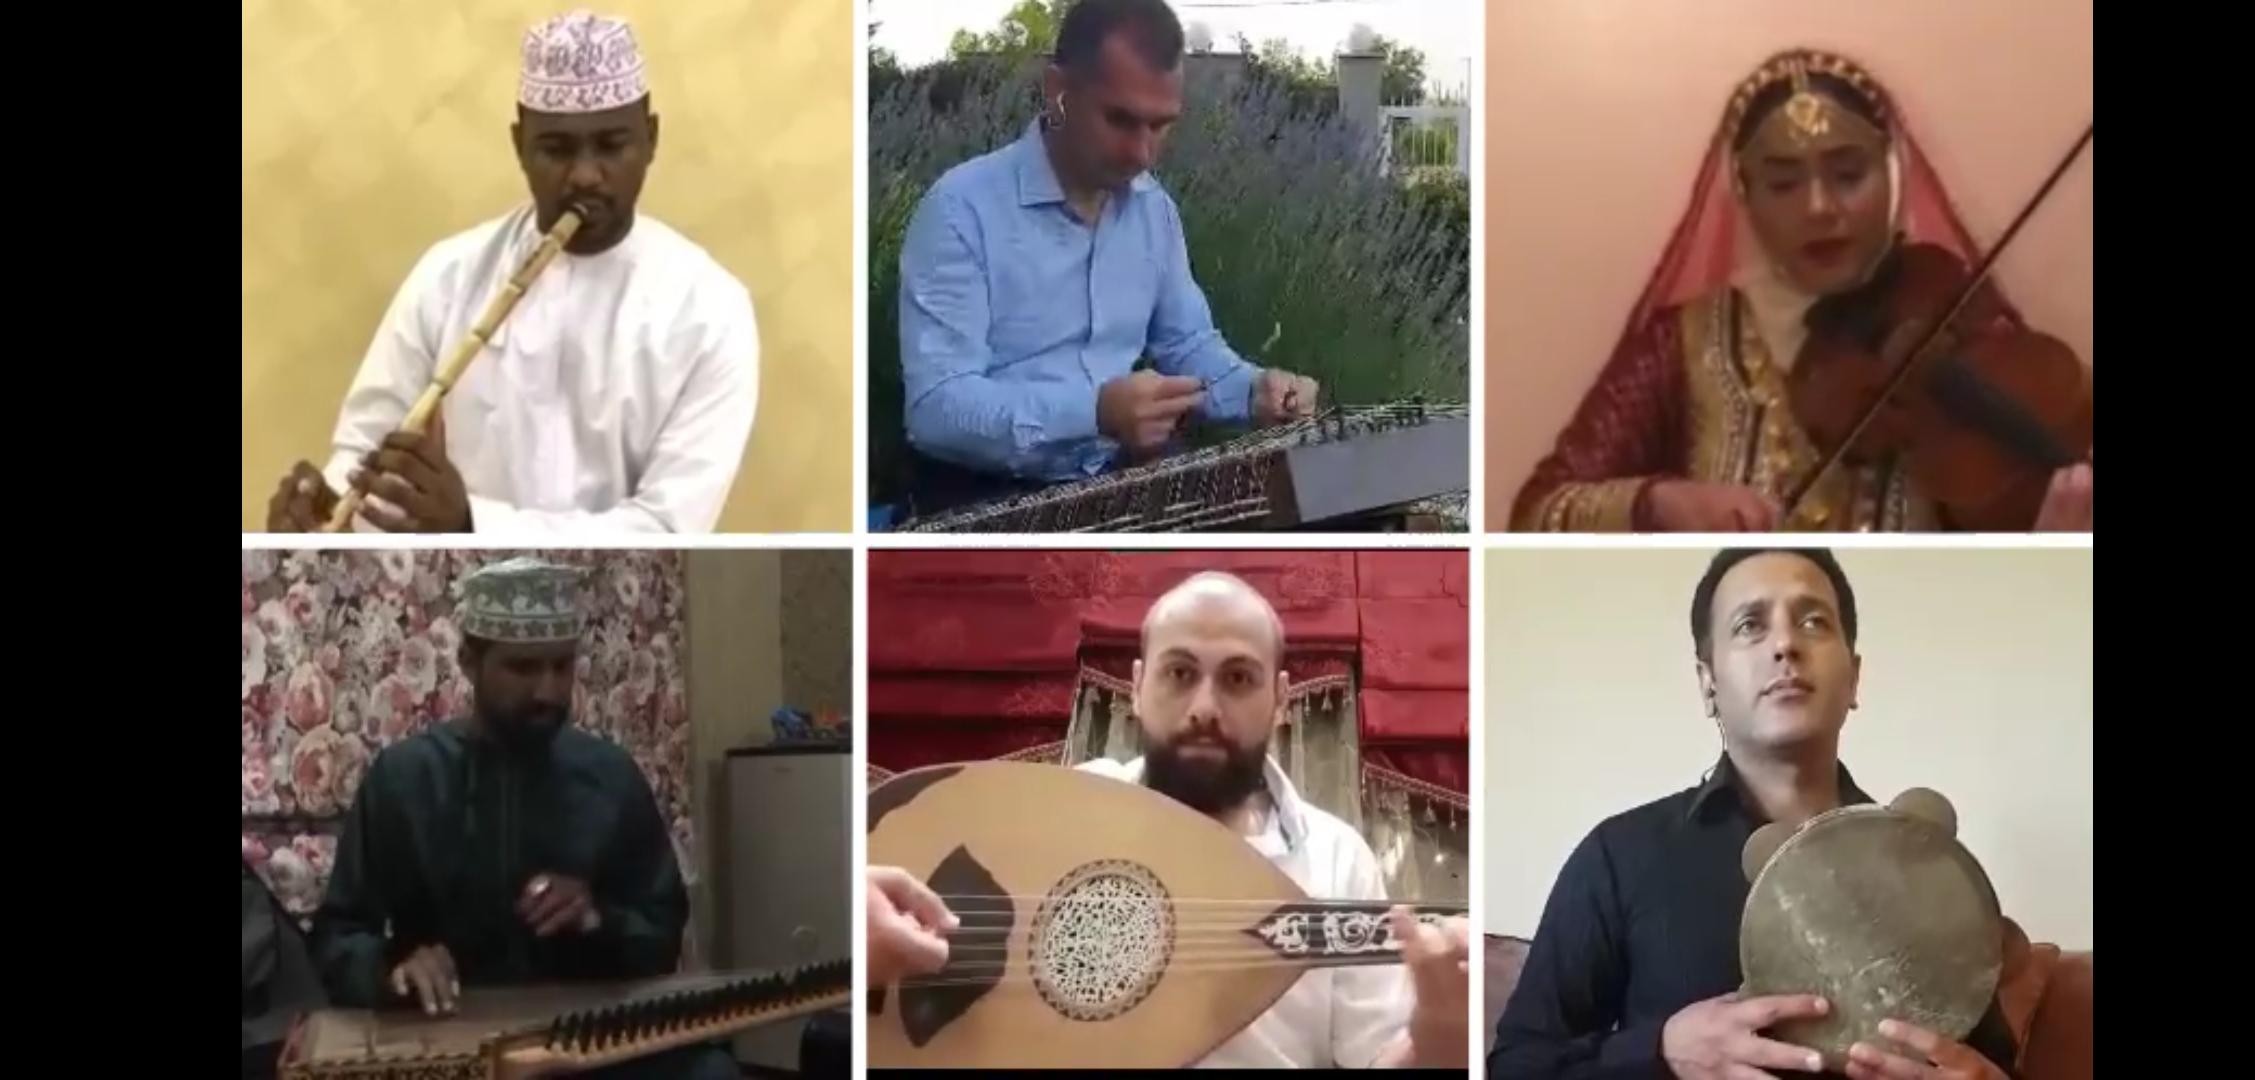 وزارة شؤون الفنون تطلق عمل غنائي مشترك مع فنانين من لبنان